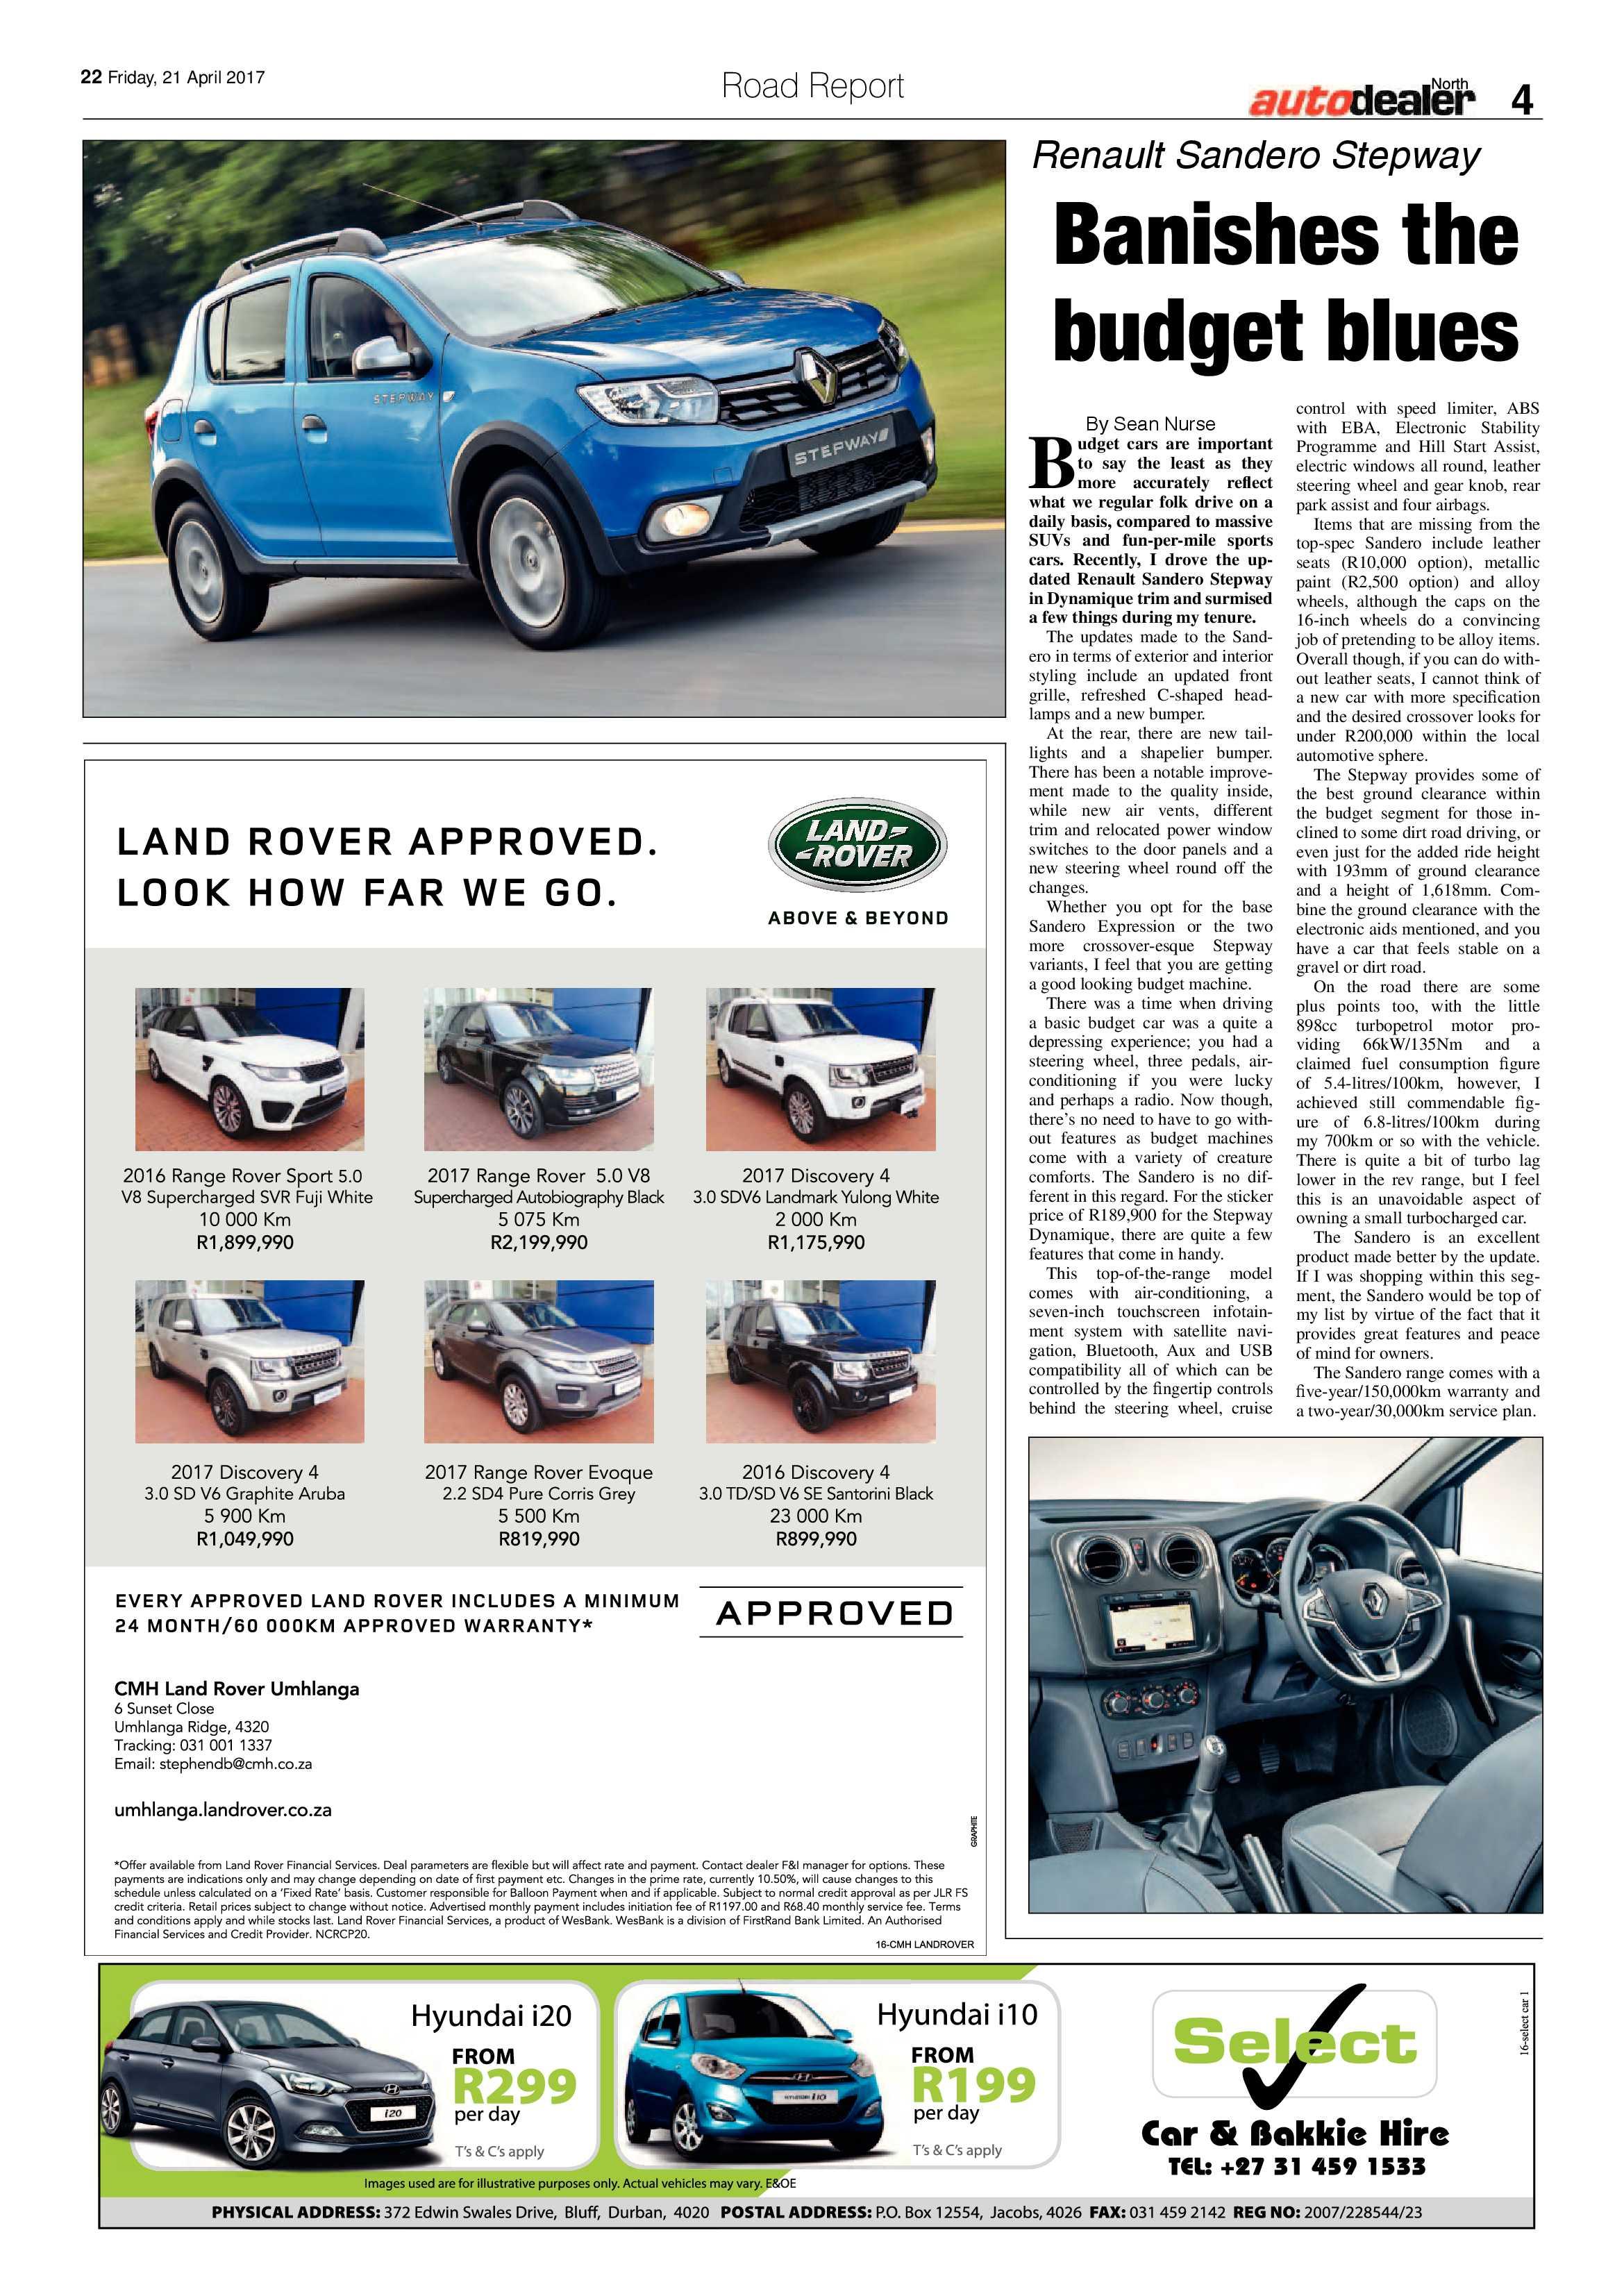 northglen-news-21-april-2017-epapers-page-22